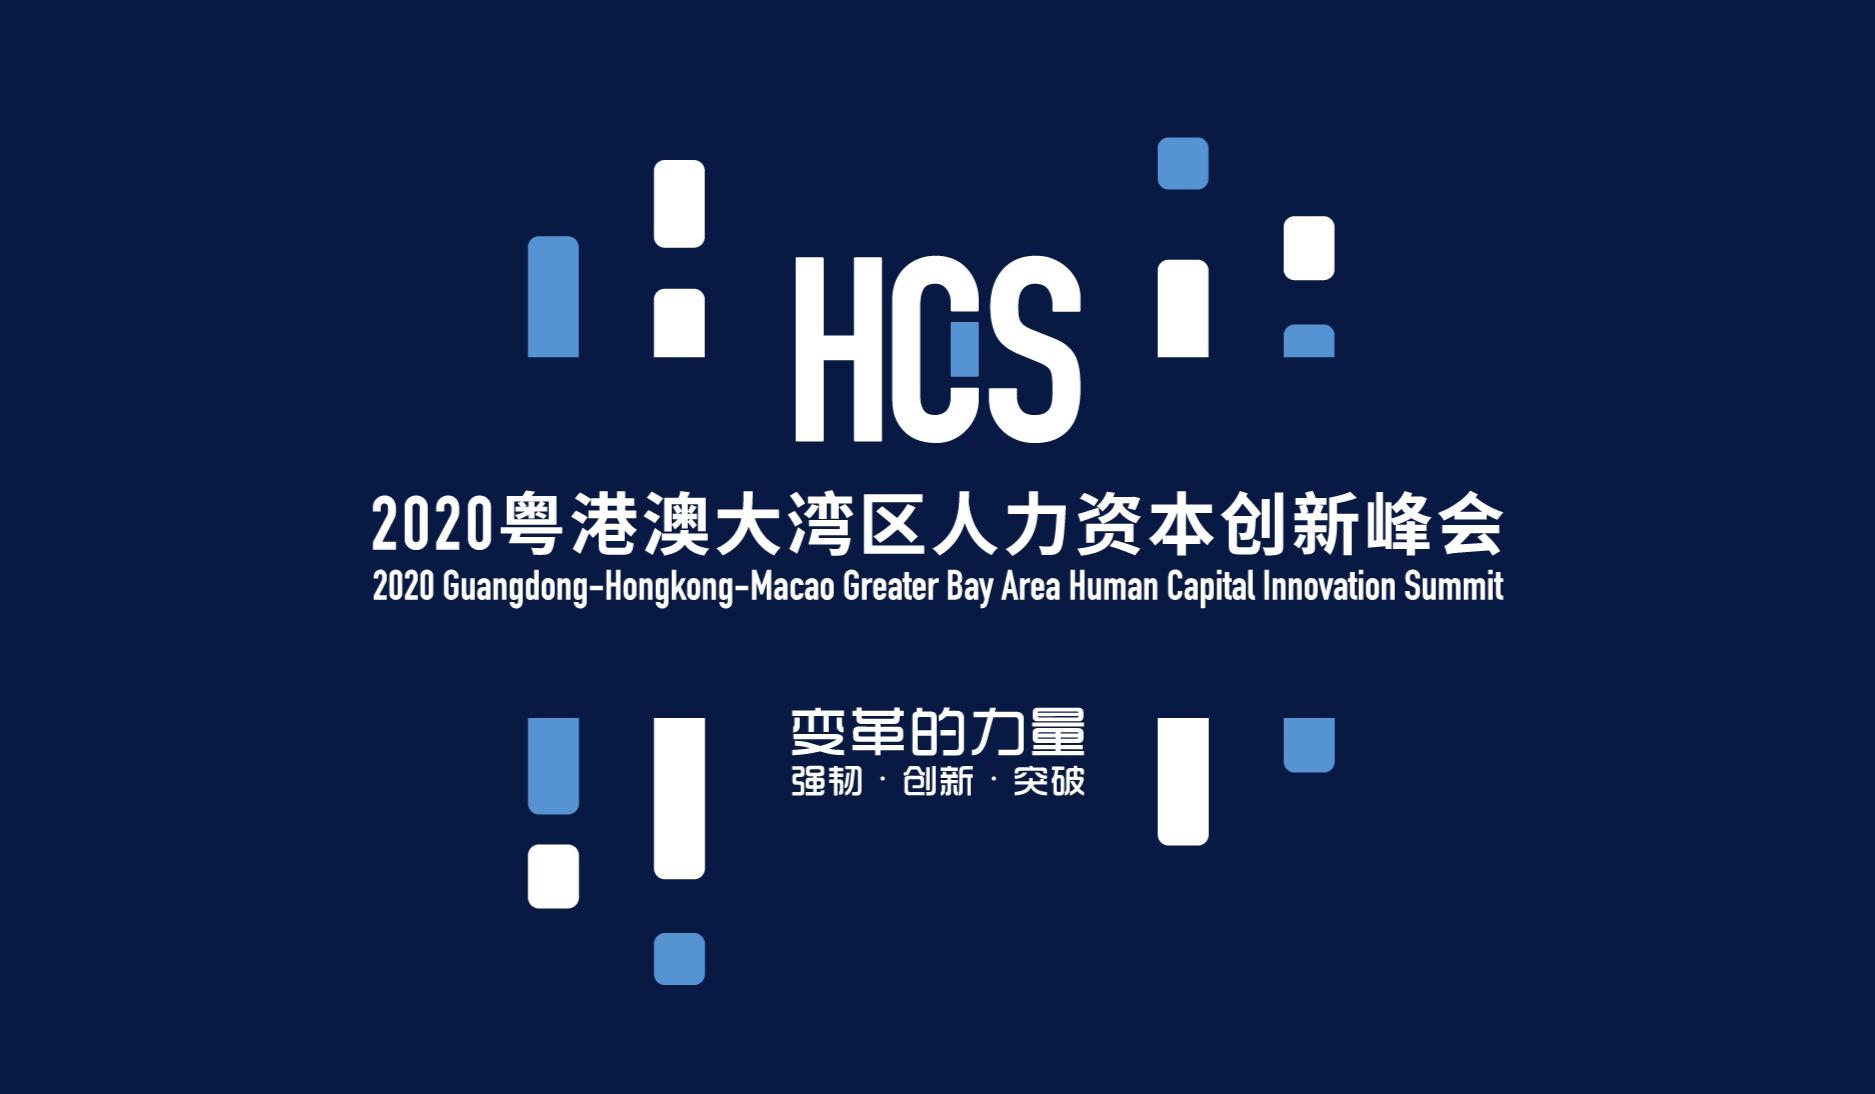 2020粤港澳大湾区人力资本创新峰会